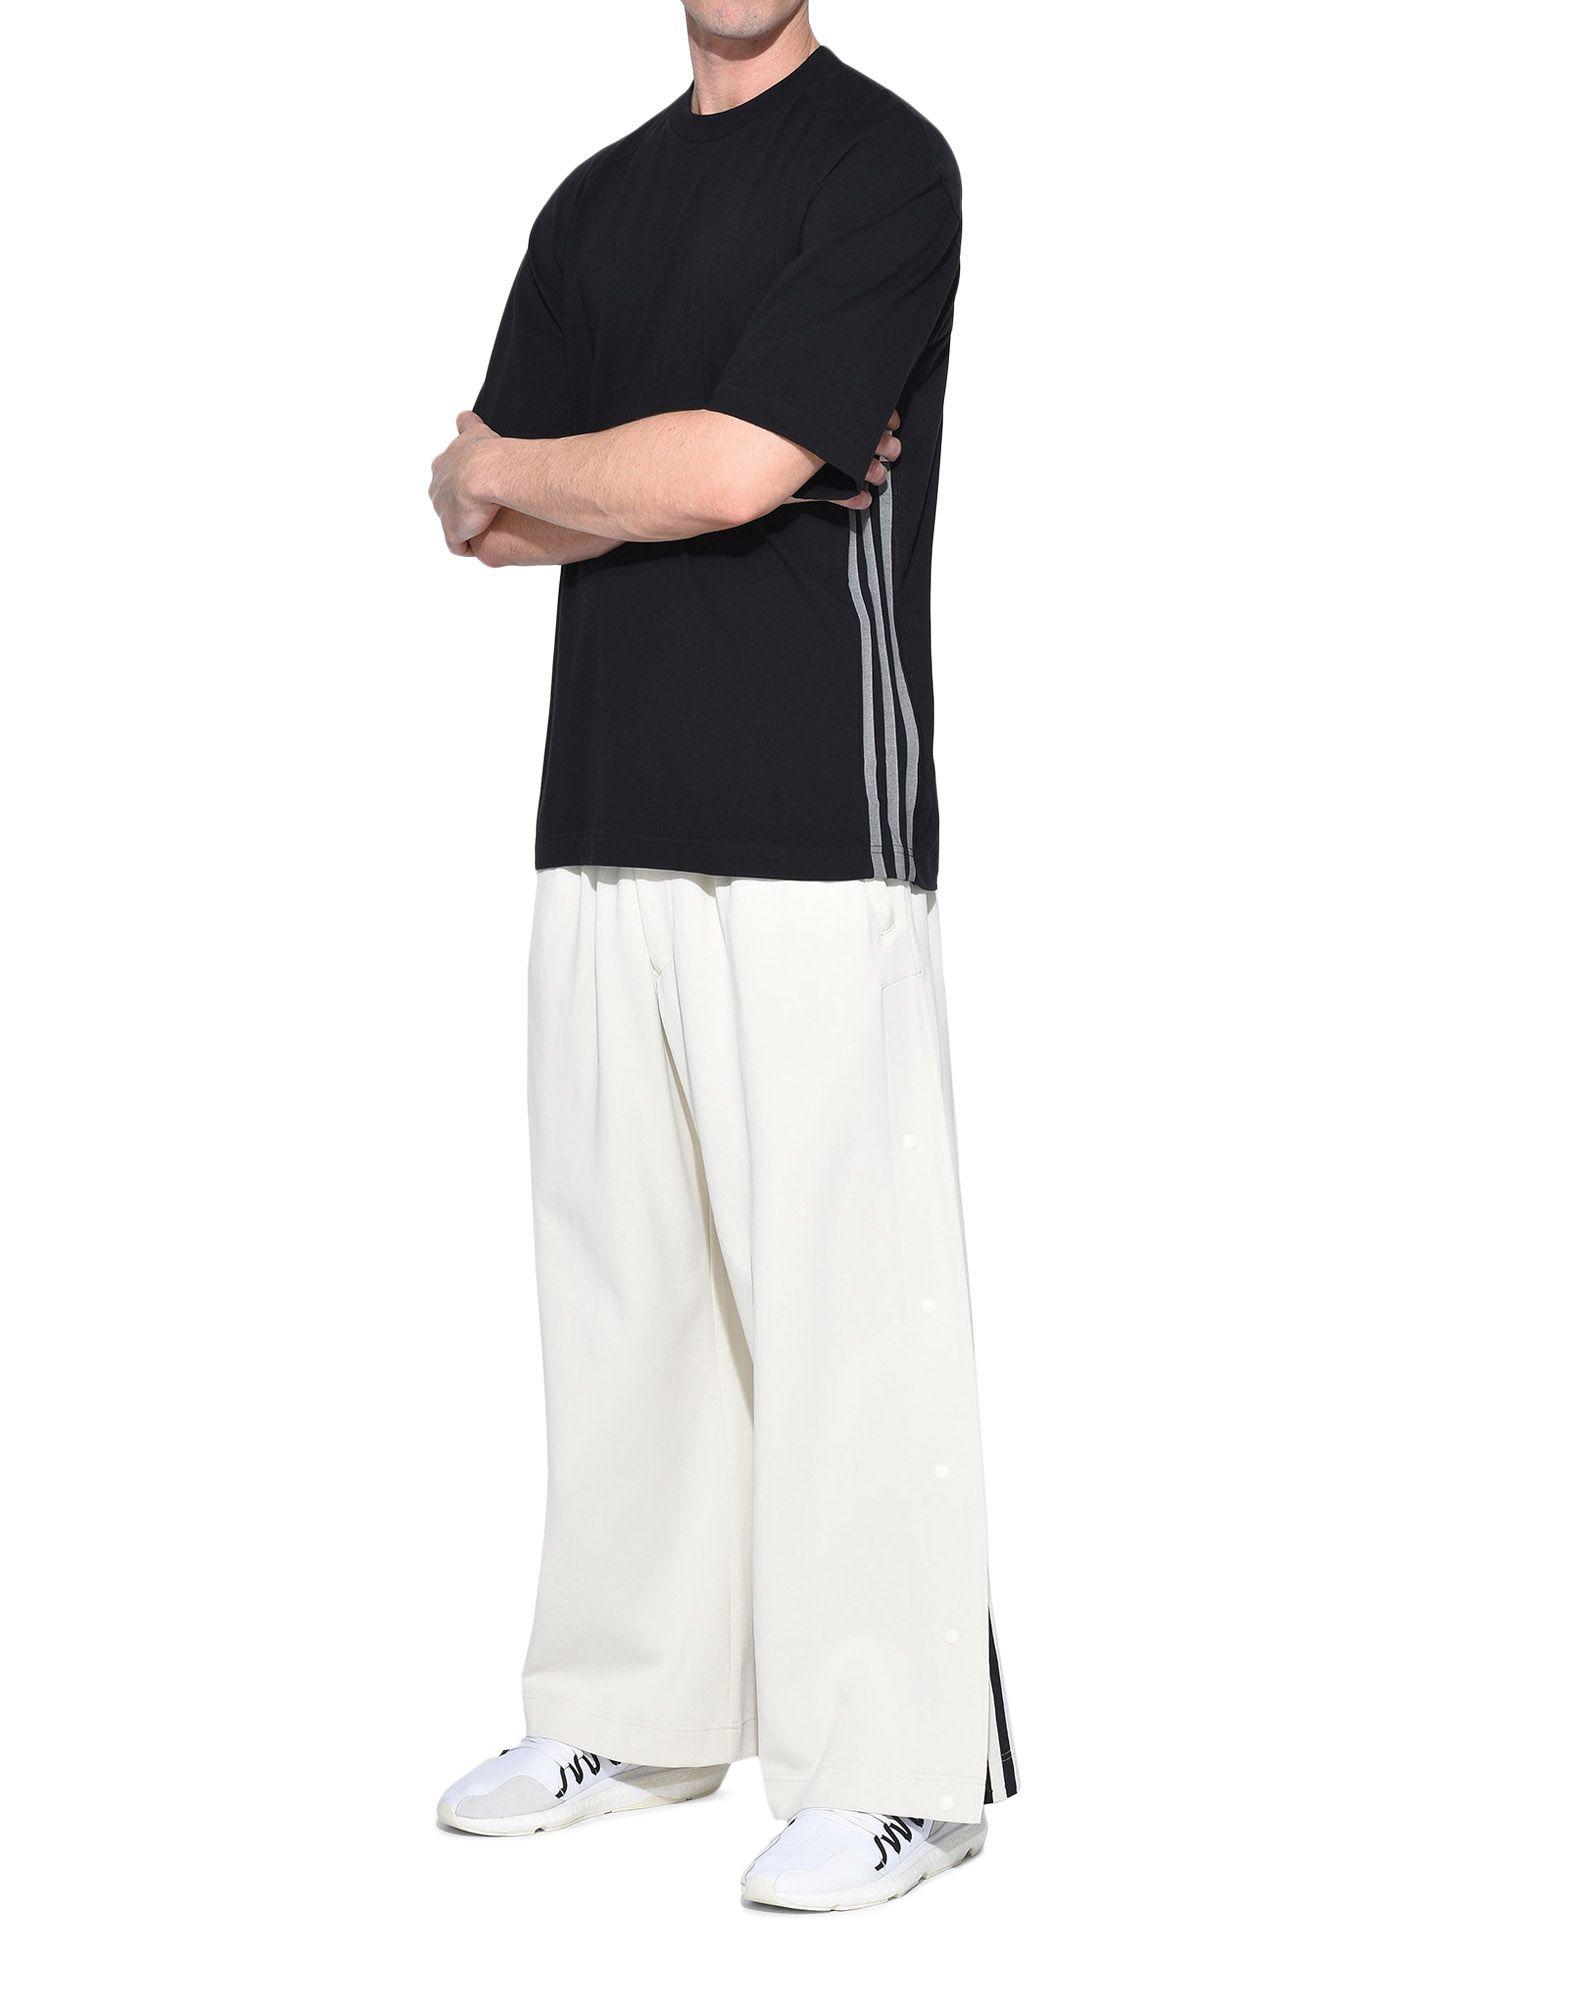 Y-3 Y-3 3-Stripes Tee Short sleeve t-shirt Man a